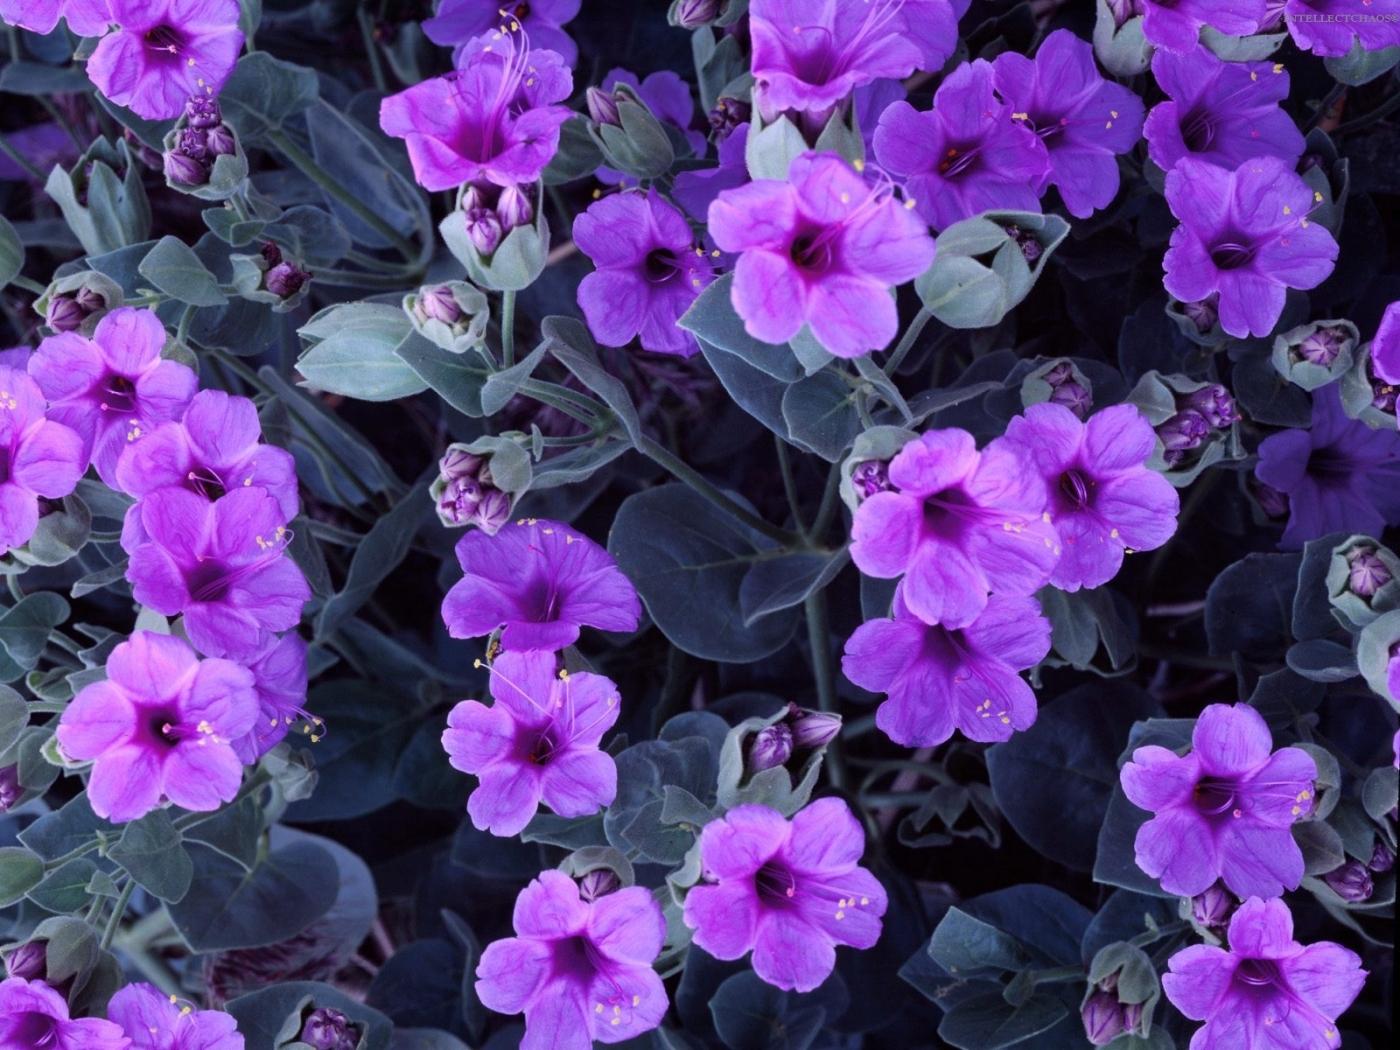 43426 Заставки и Обои Фиалки на телефон. Скачать Растения, Цветы, Фиалки картинки бесплатно